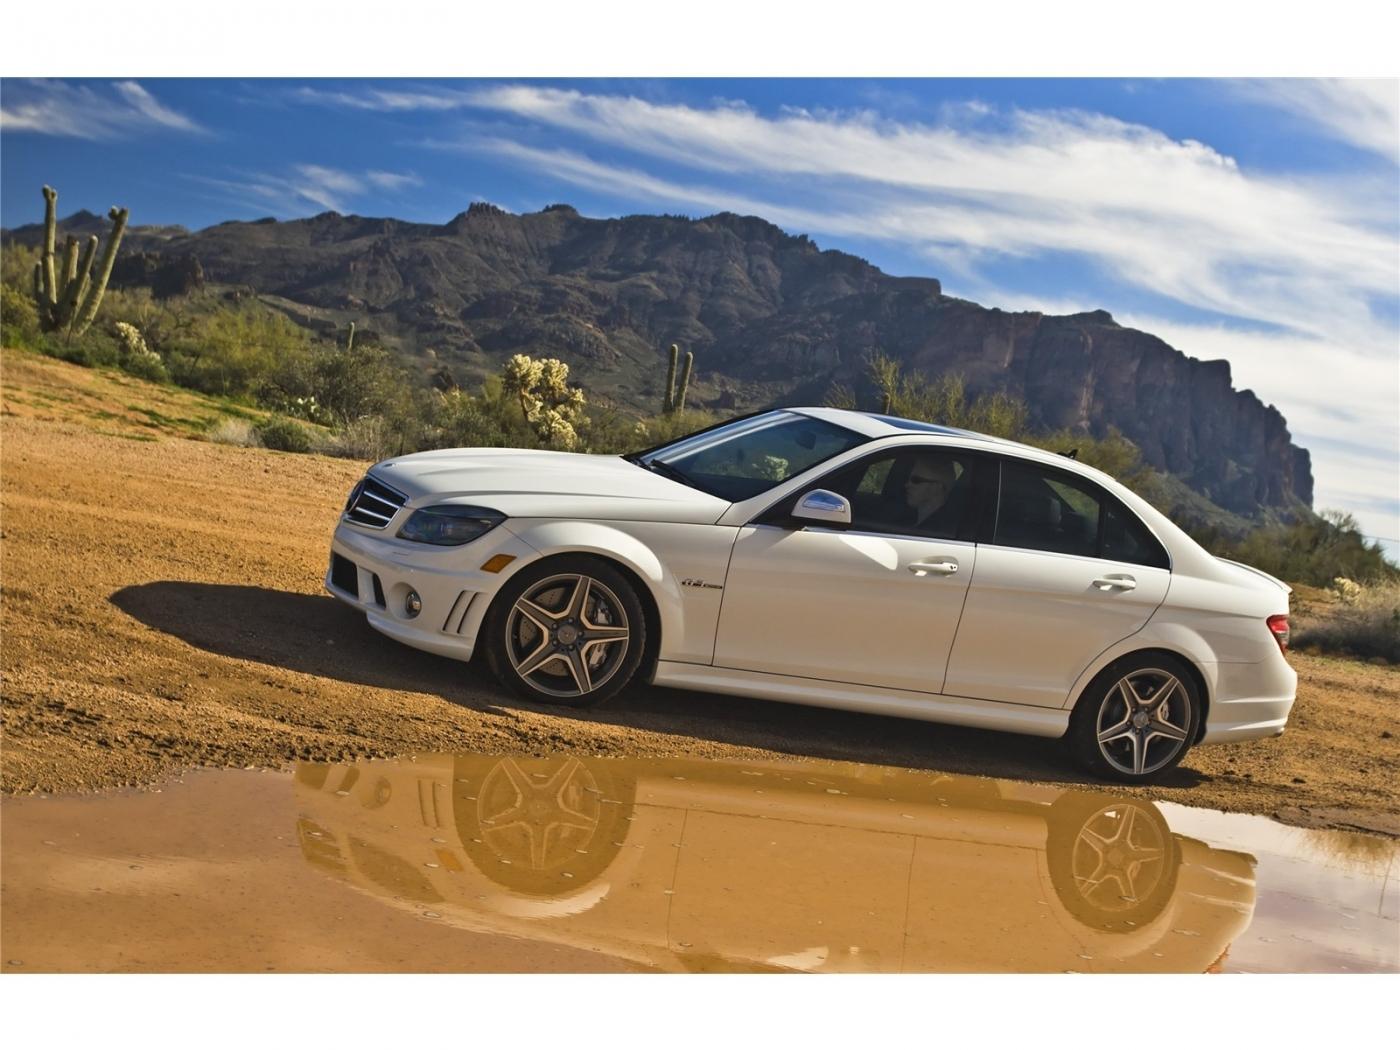 49953 скачать обои Транспорт, Пейзаж, Машины, Мерседес (Mercedes) - заставки и картинки бесплатно